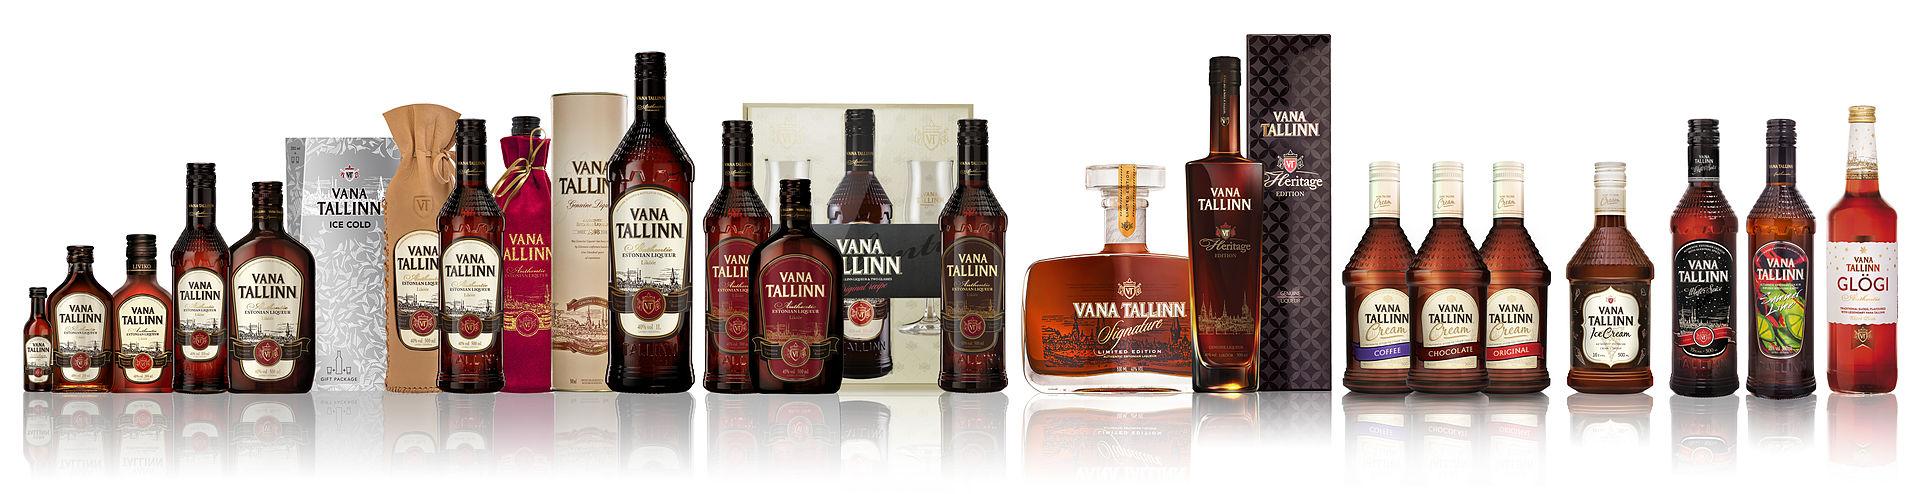 Ликер Вана Таллин (Vana Tallinn)